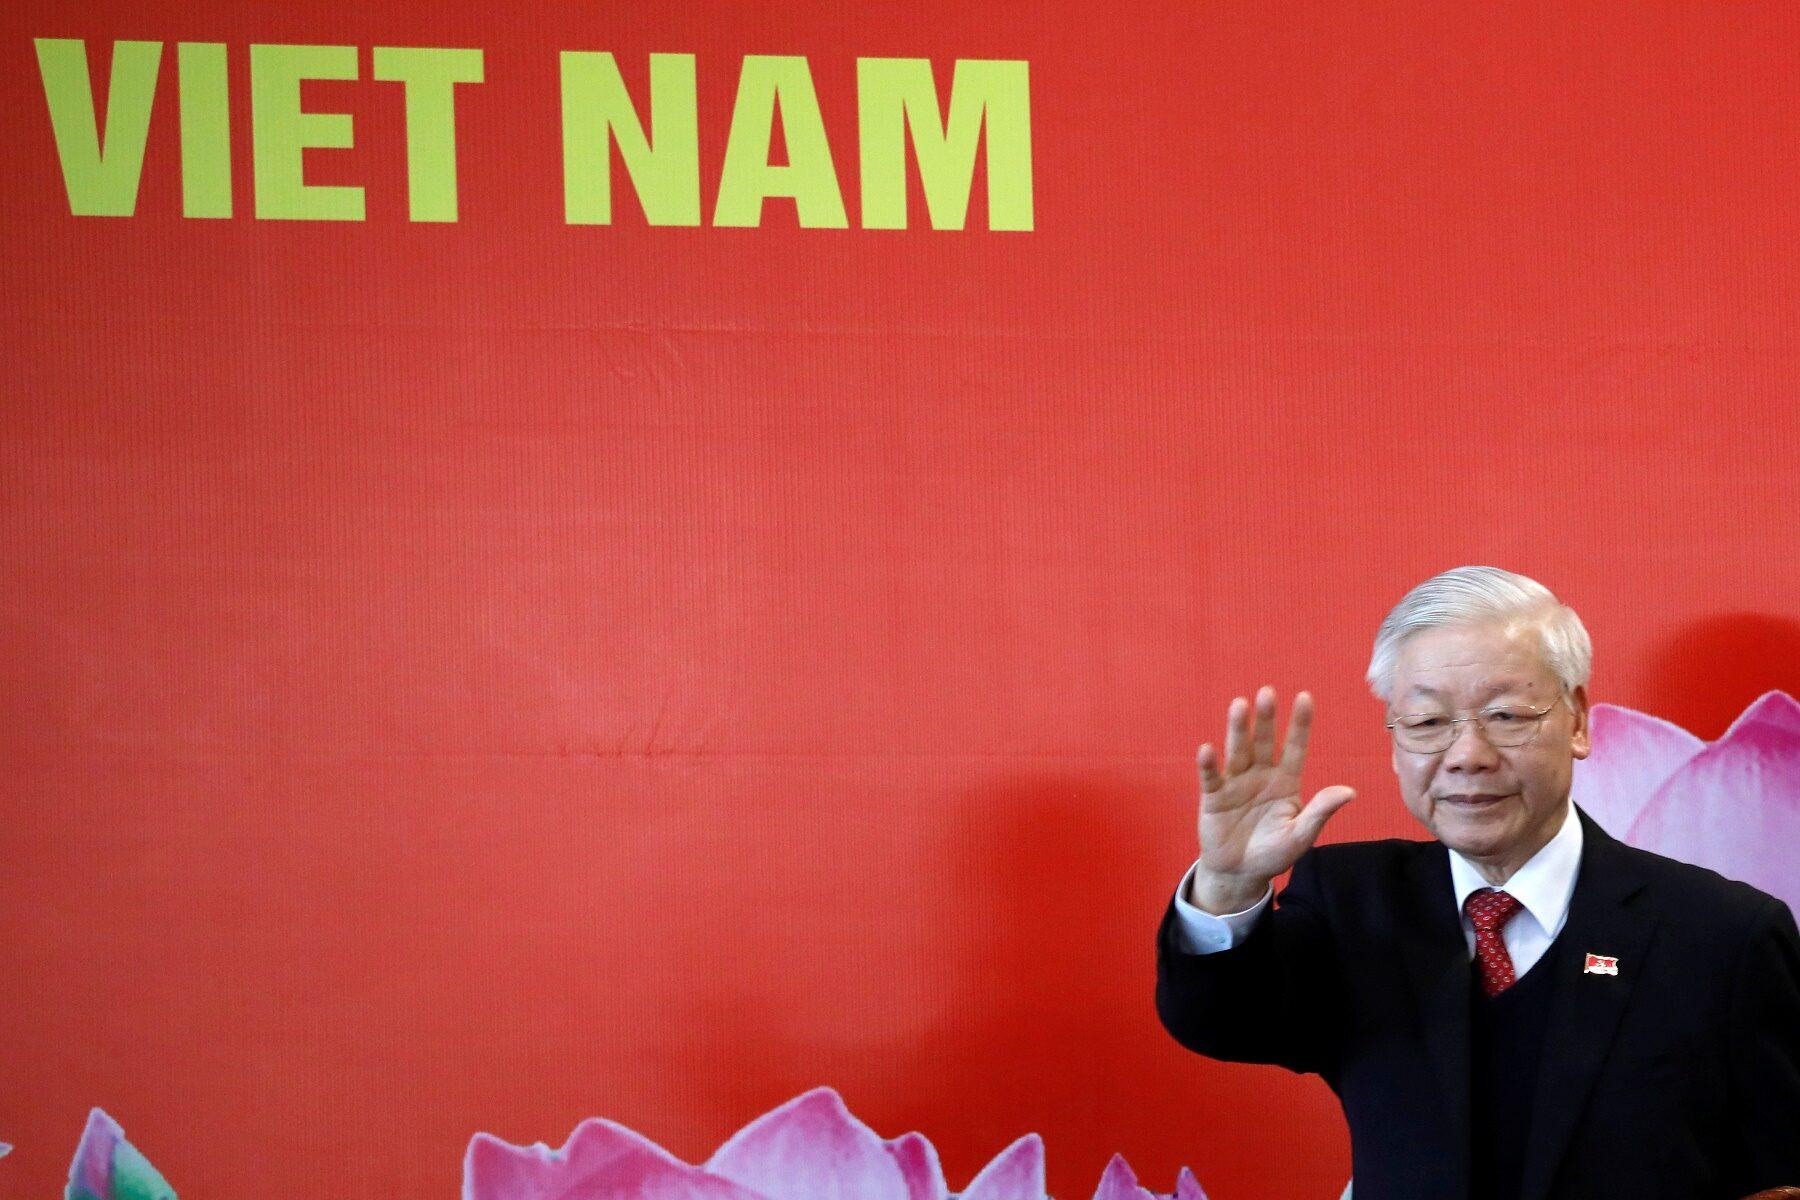 เวียดนามตั้งเป้า อีก 25 ปี ขึ้นแท่น ประเทศพัฒนาแล้ว